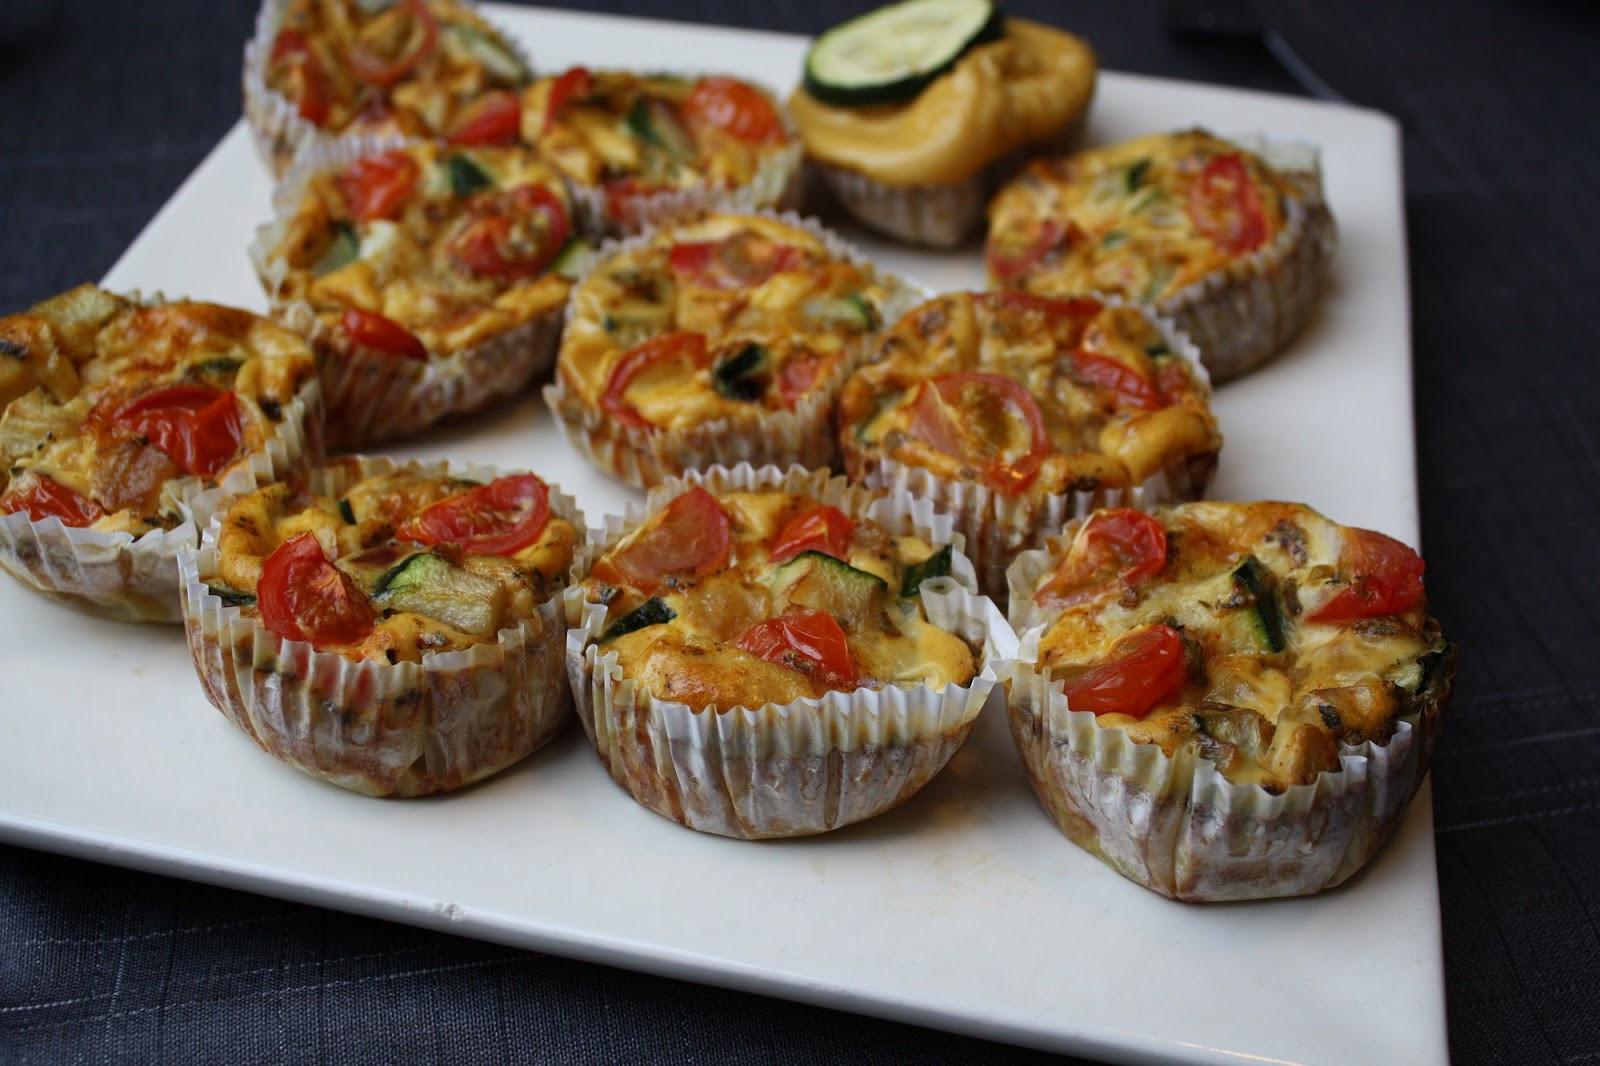 Madlaboratoriet æggemuffins Med Squash Og Tomat